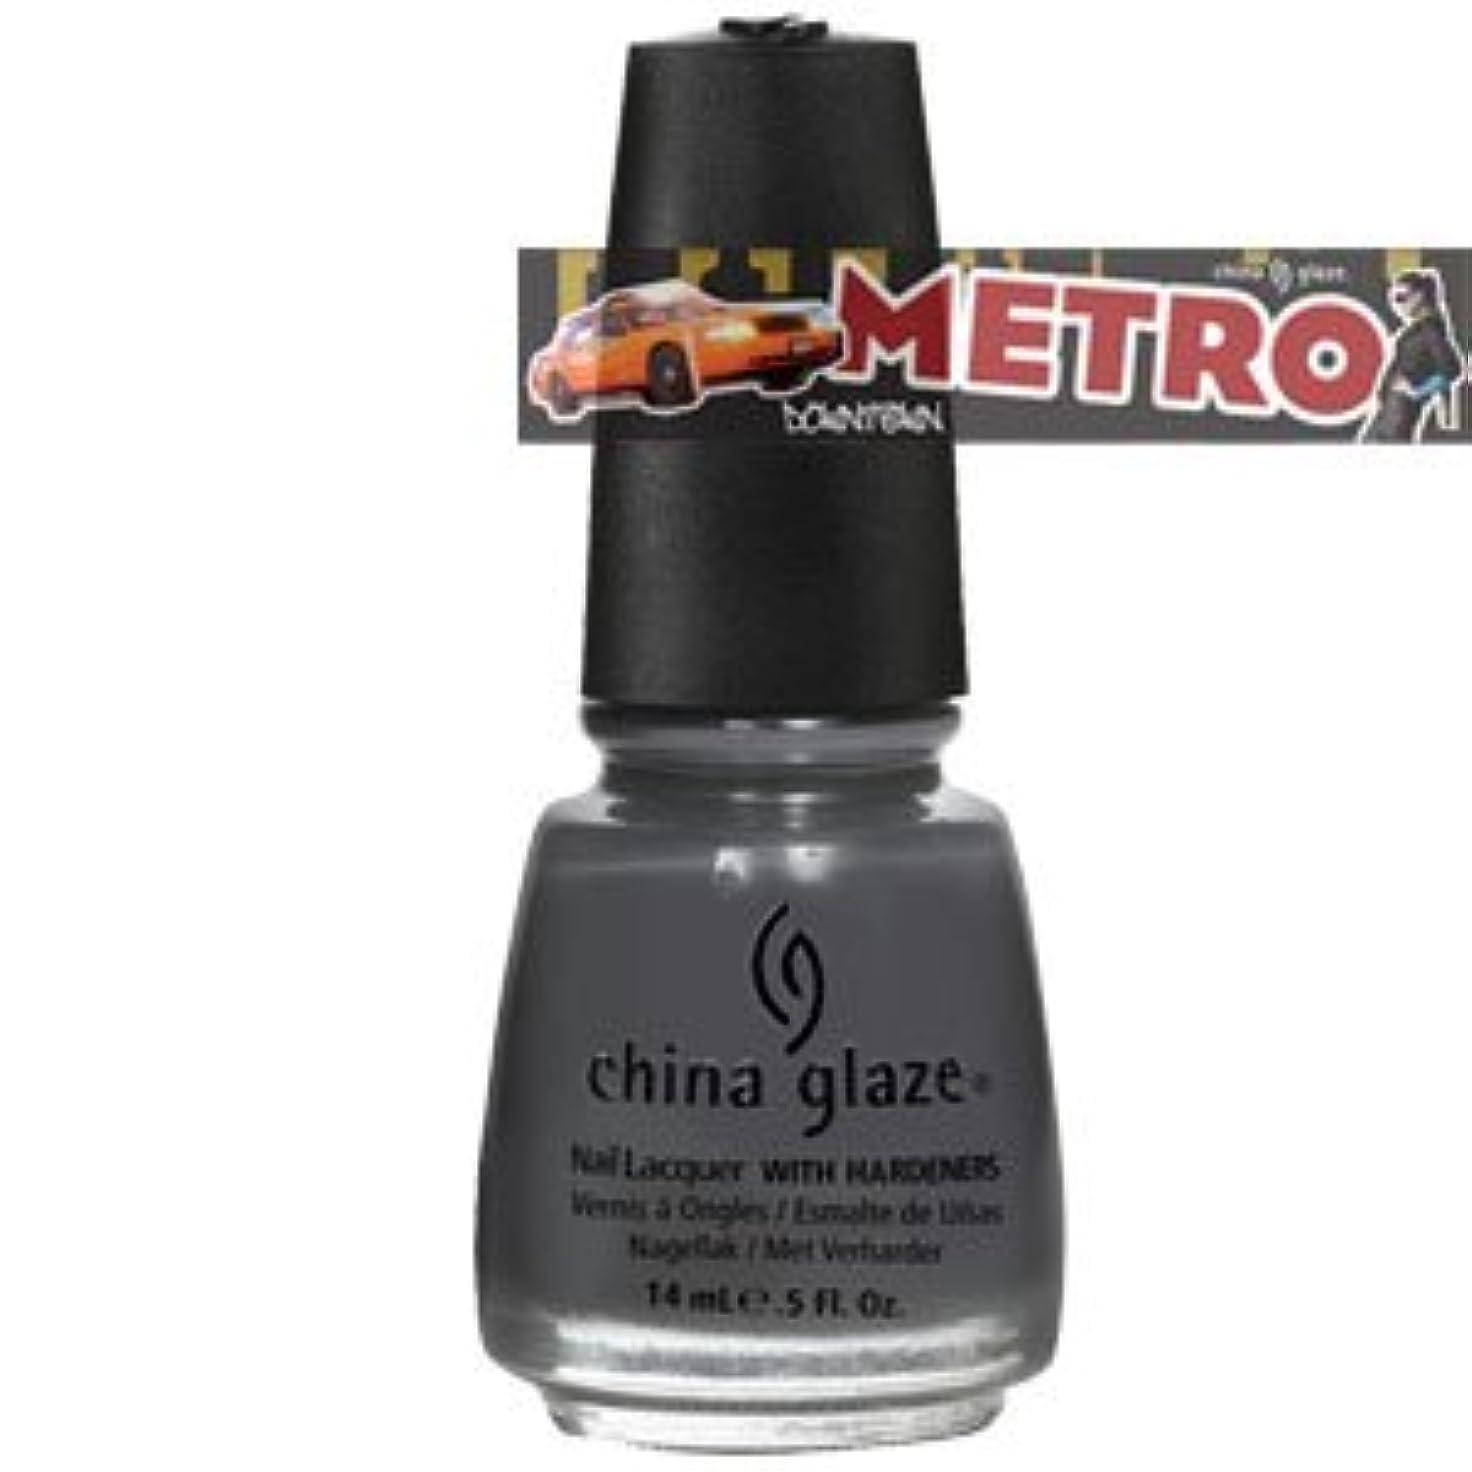 ツールナビゲーション名前で(チャイナグレイズ)China Glaze メトロコレクション? Concrete Catwalk [海外直送品][並行輸入品]